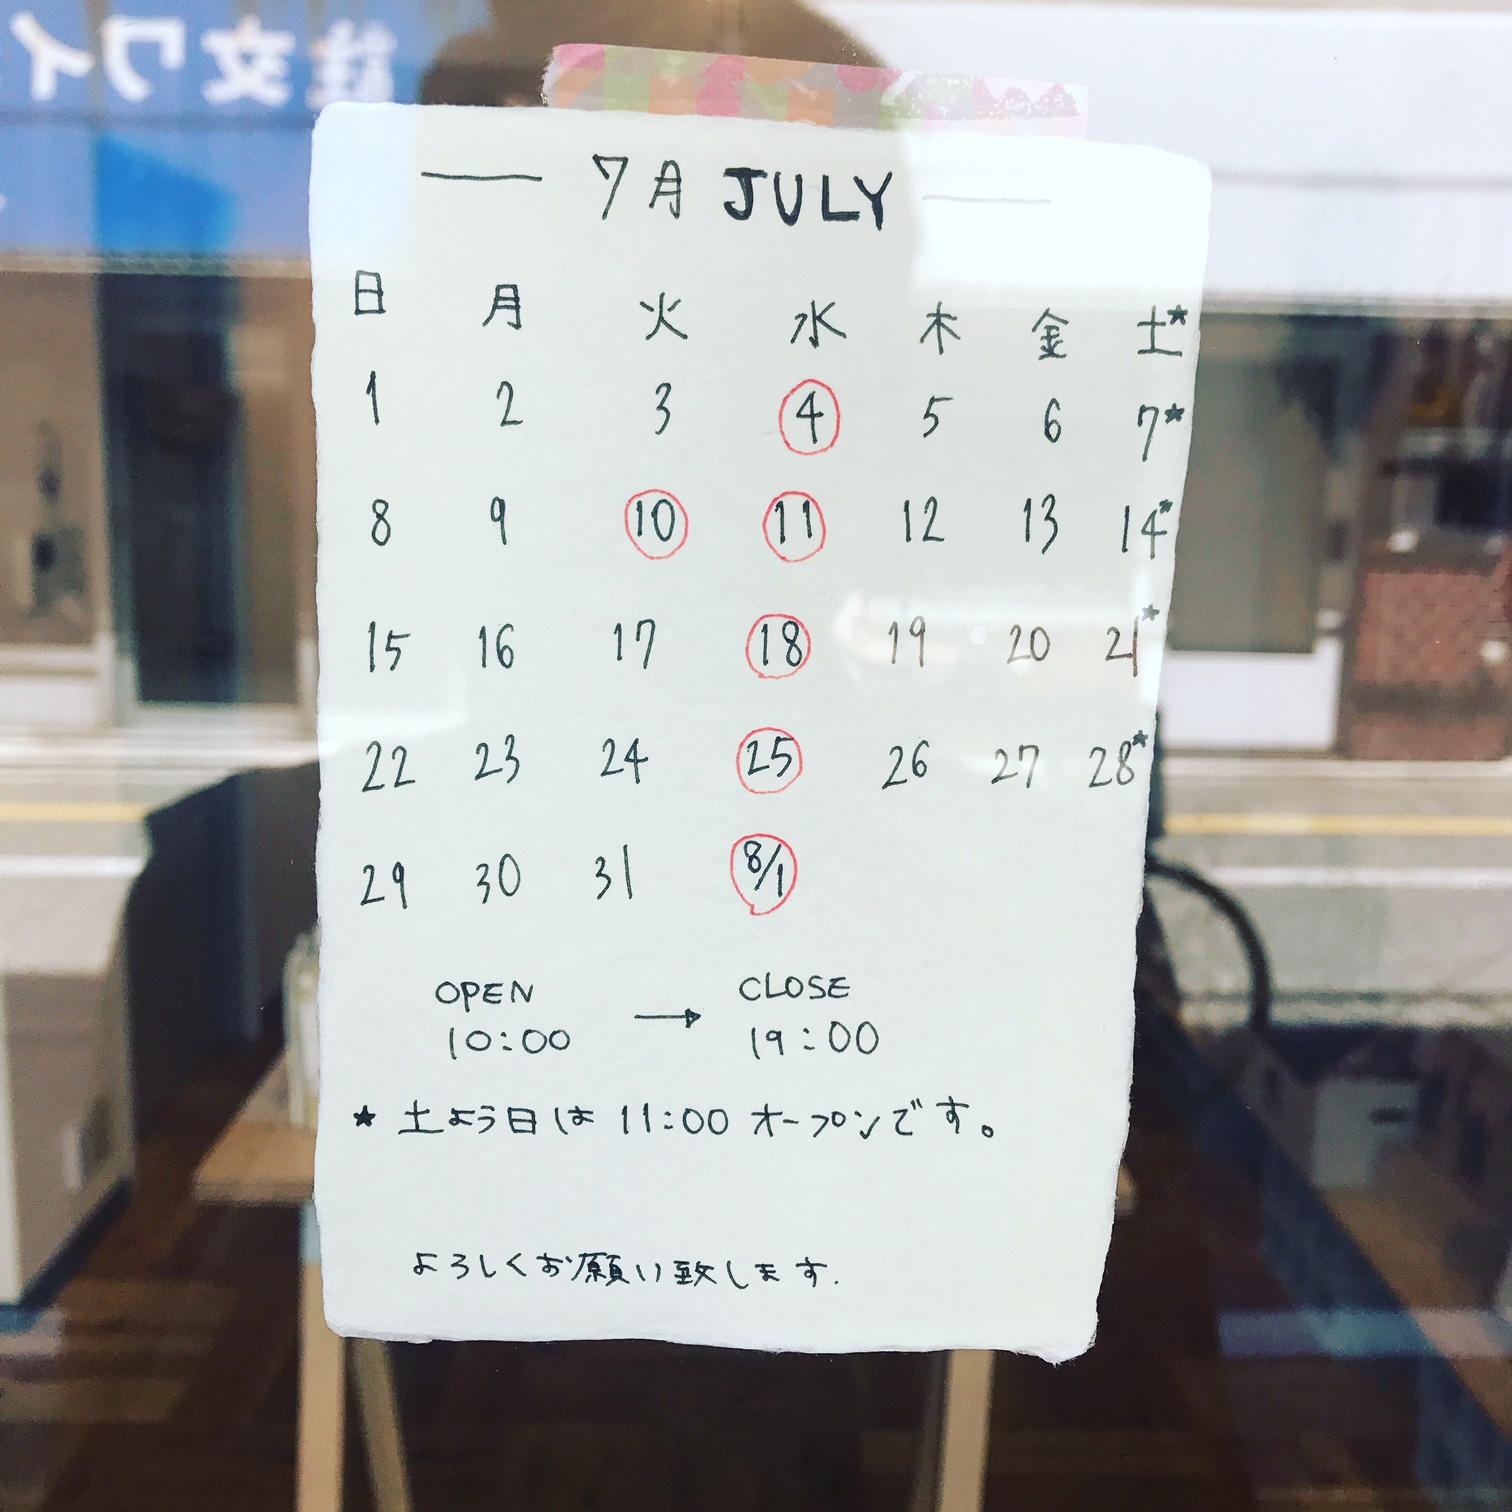 松陰神社前店2018年7月のカレンダー